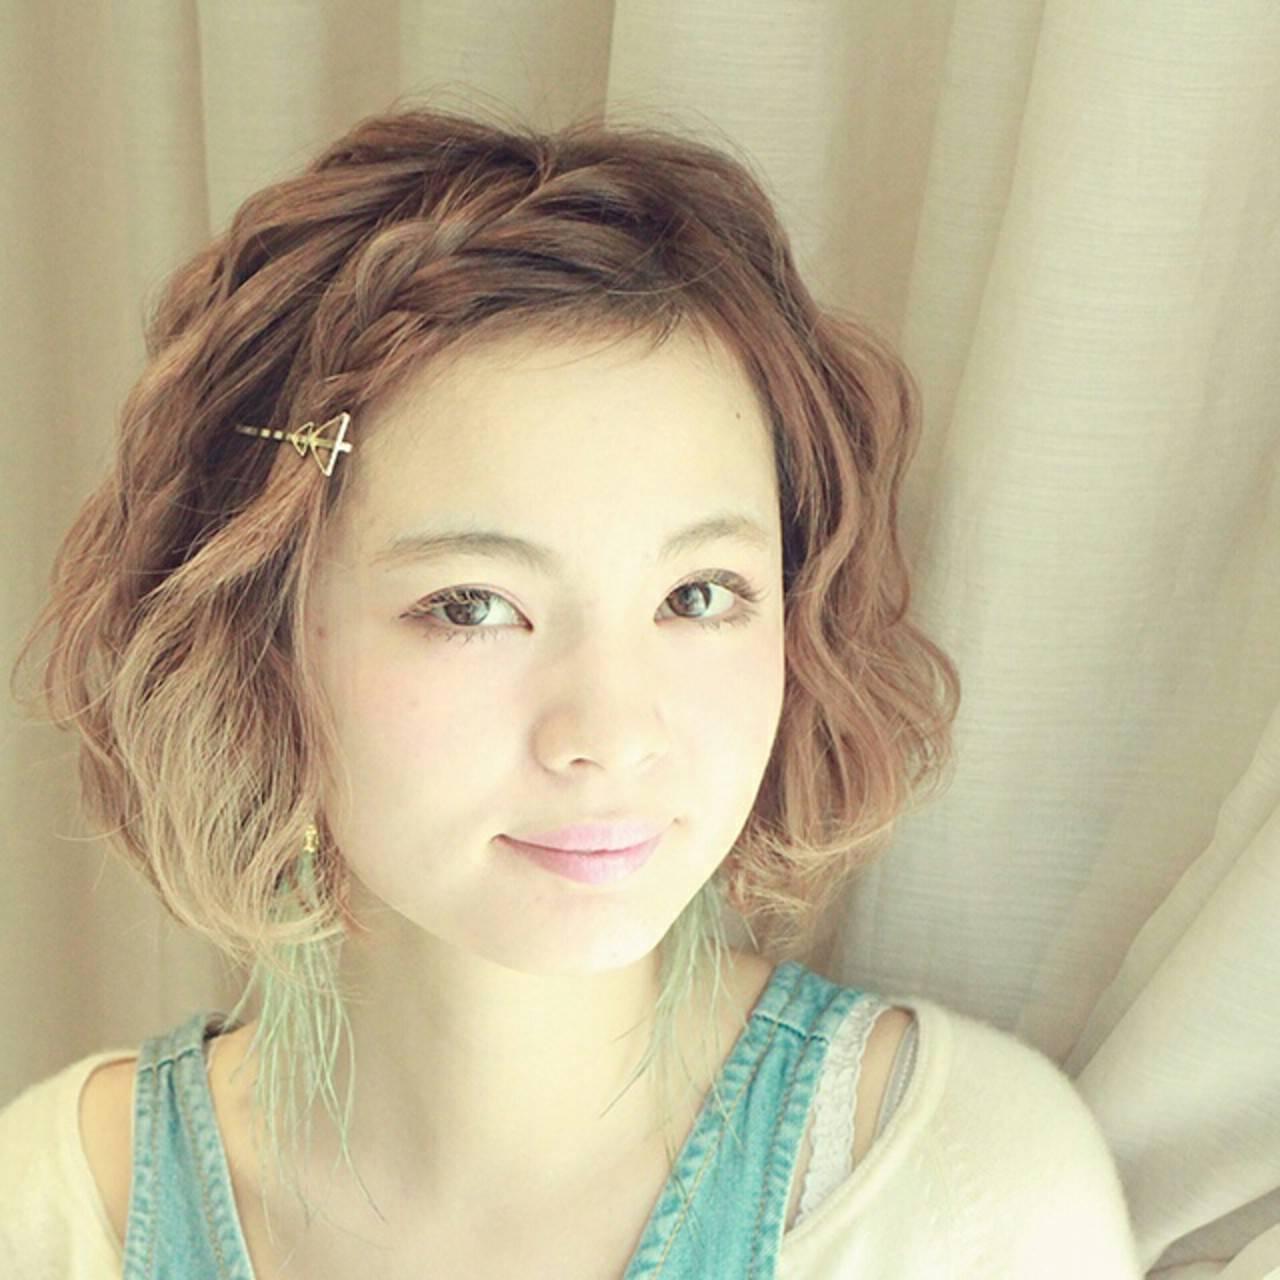 ヘアアレンジ グラデーションカラー 簡単ヘアアレンジ 前髪ありヘアスタイルや髪型の写真・画像